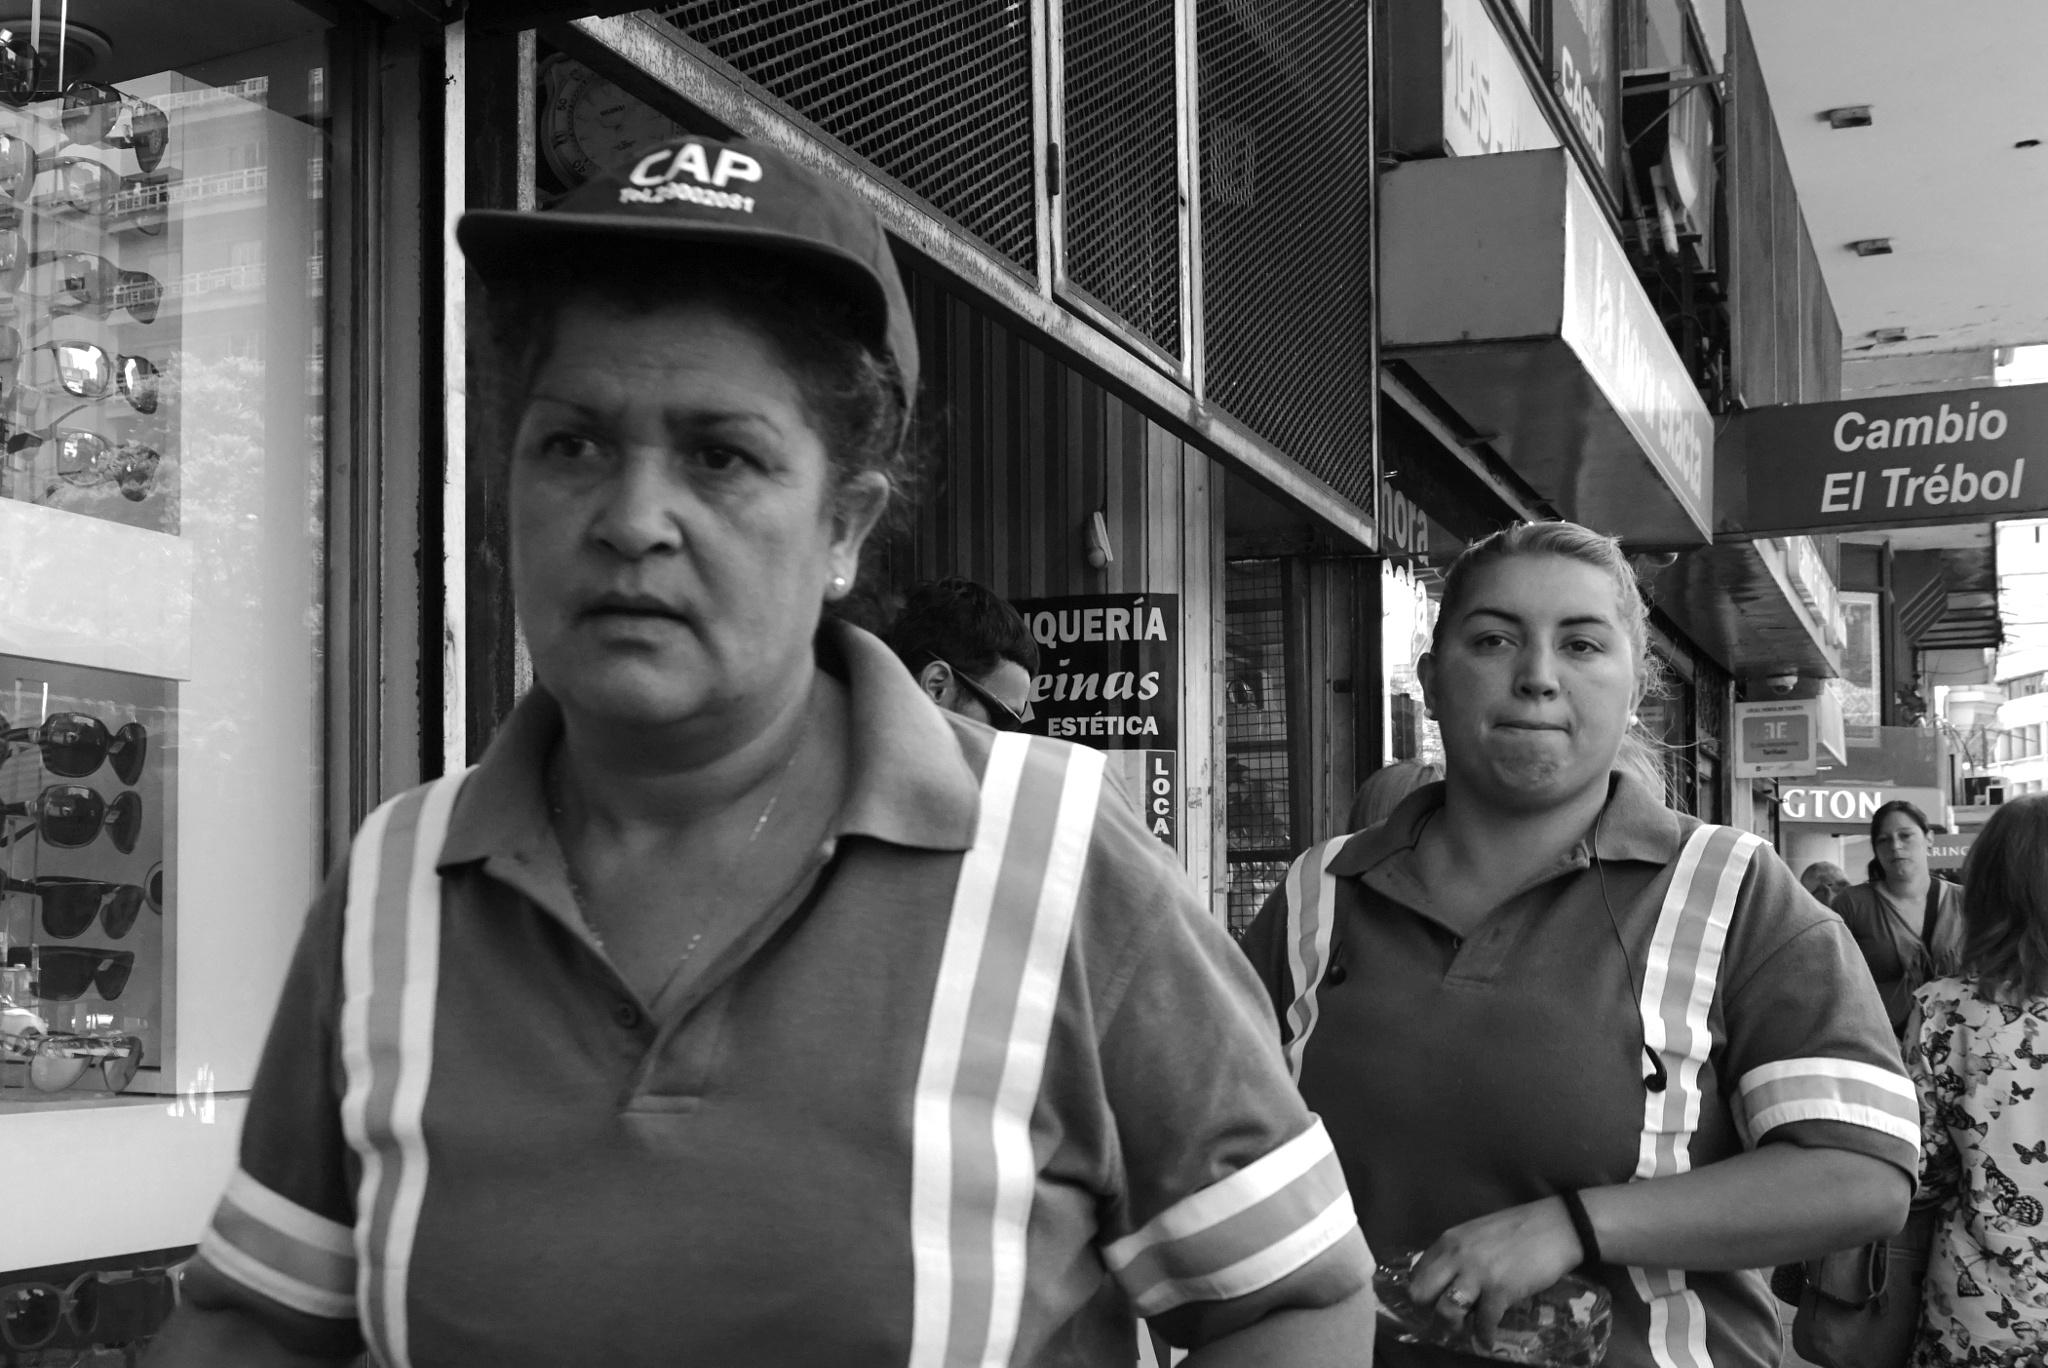 Gente de trabajo by Daniel Guillermo